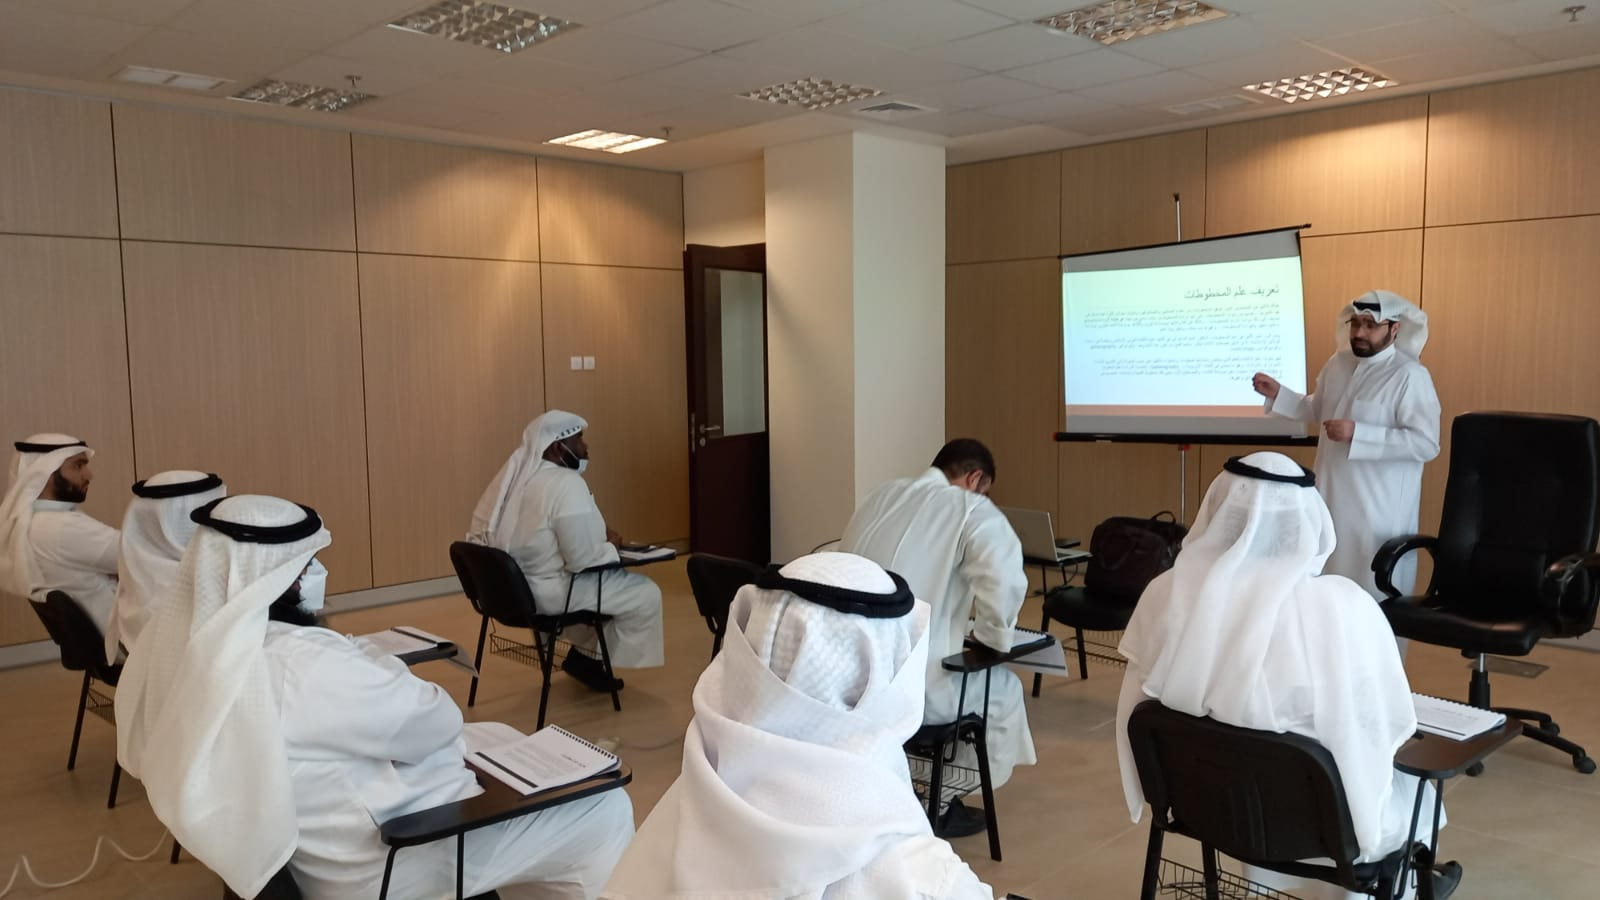 """إدارة """"المكتبات """"تُقيم دورة لفهرسة المخطوطات وتفتتح عدة مراكز ثقافية"""